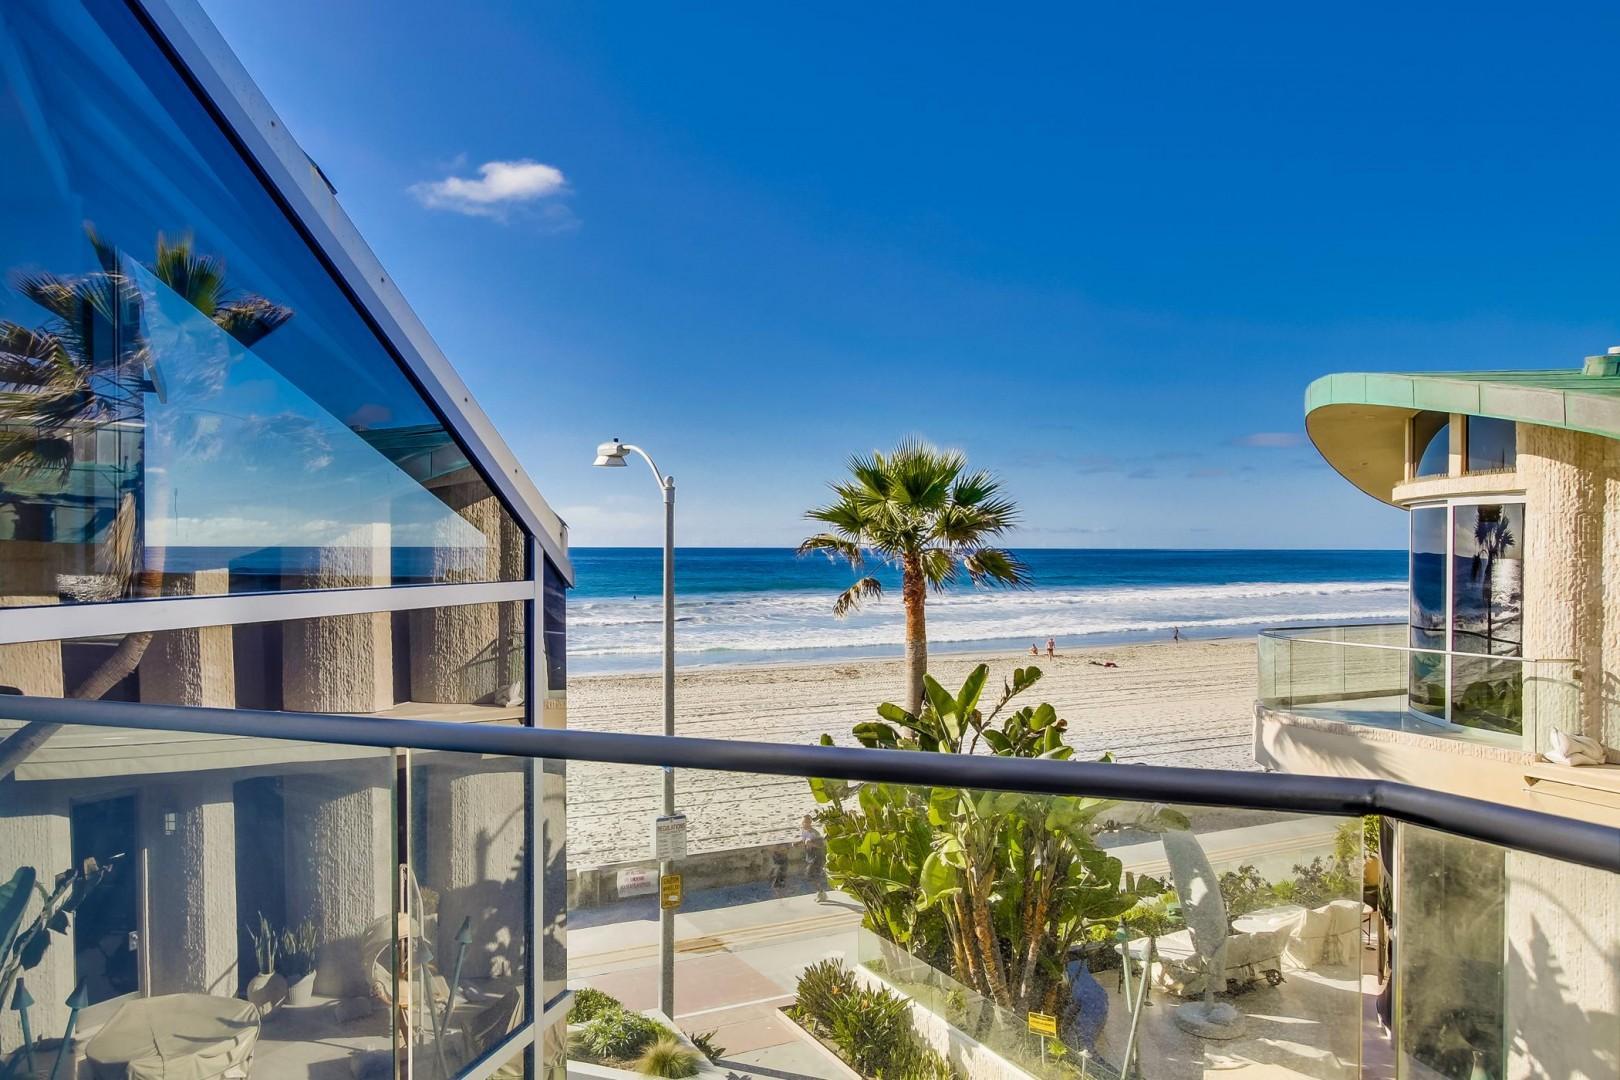 3545-ocean-front-walk-San-Diego-2-049_2100x1400